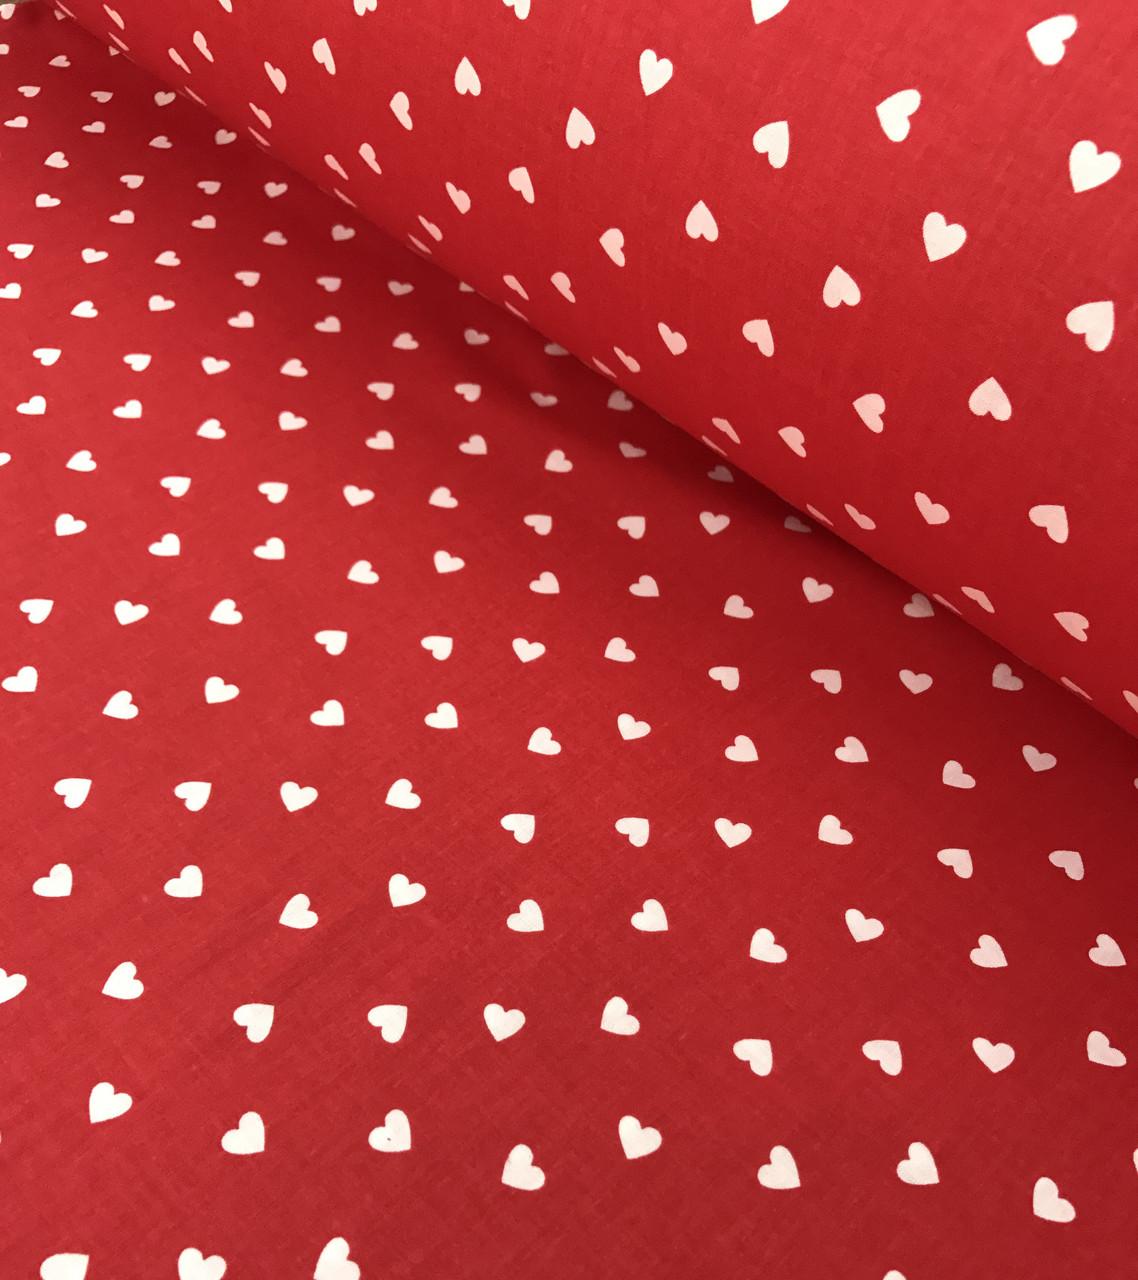 Хлопковая ткань польская сердца мелкие белые на красном №556